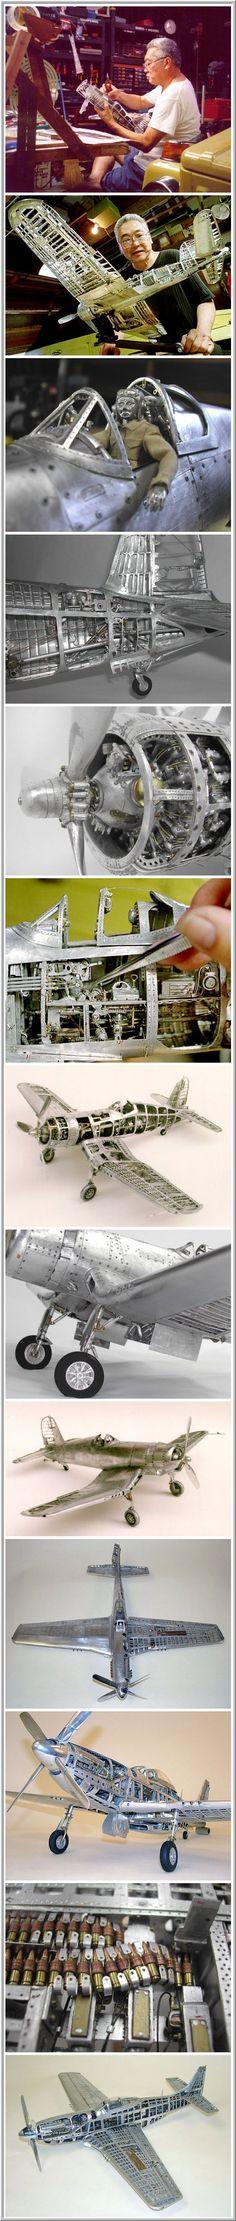 Unique model airplanes made of aluminum